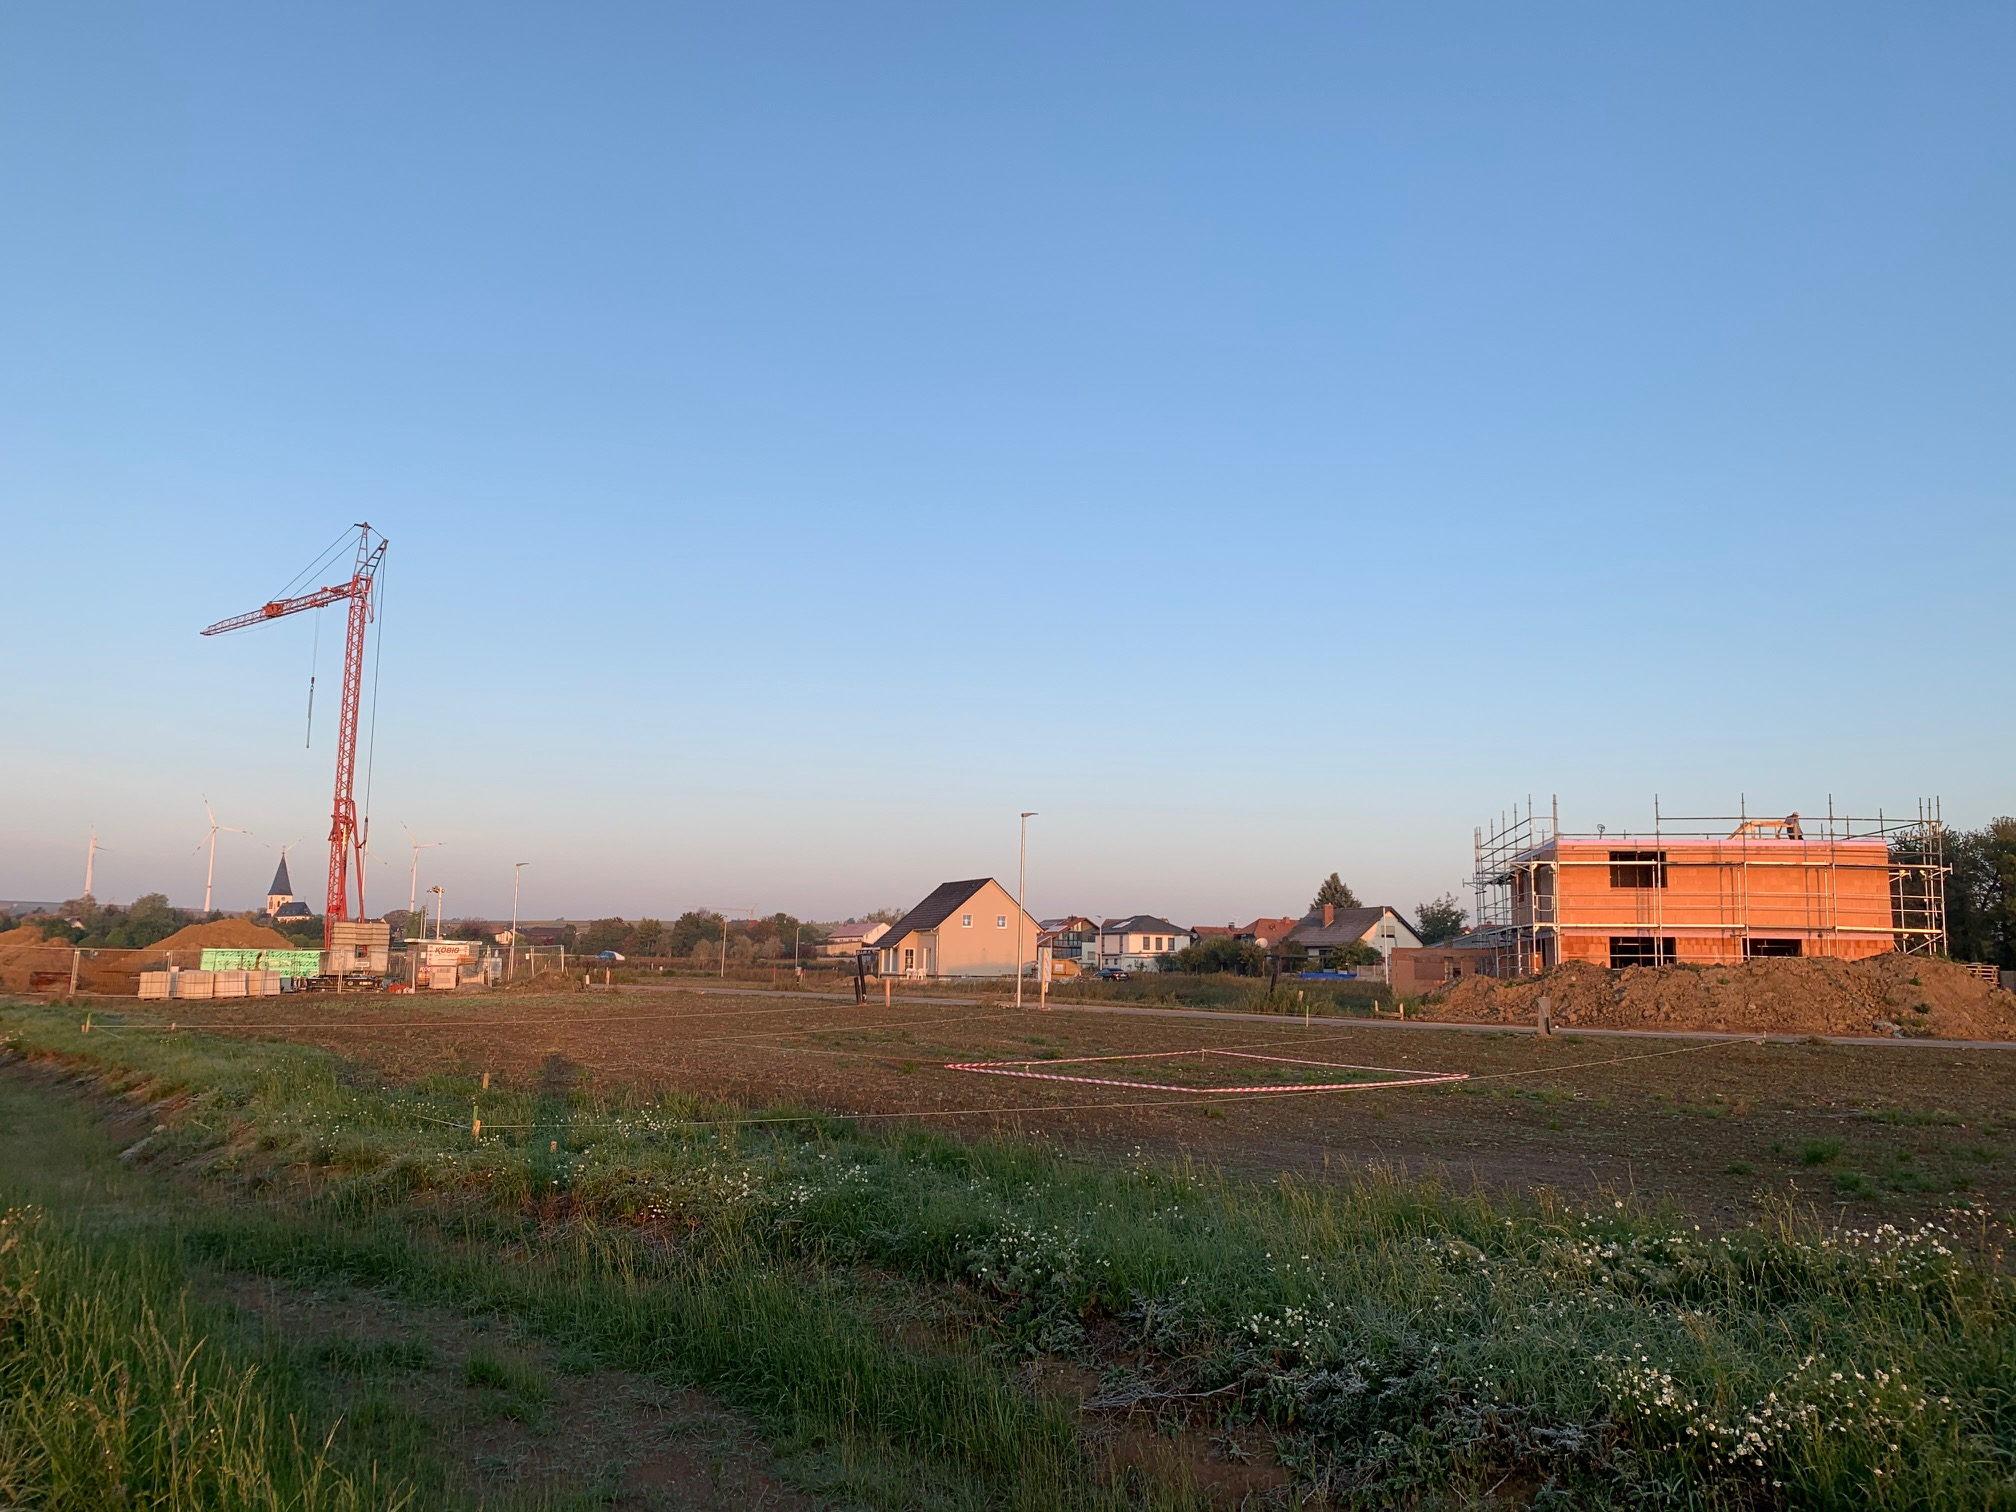 Neubaugebiet - die ersten Häuser